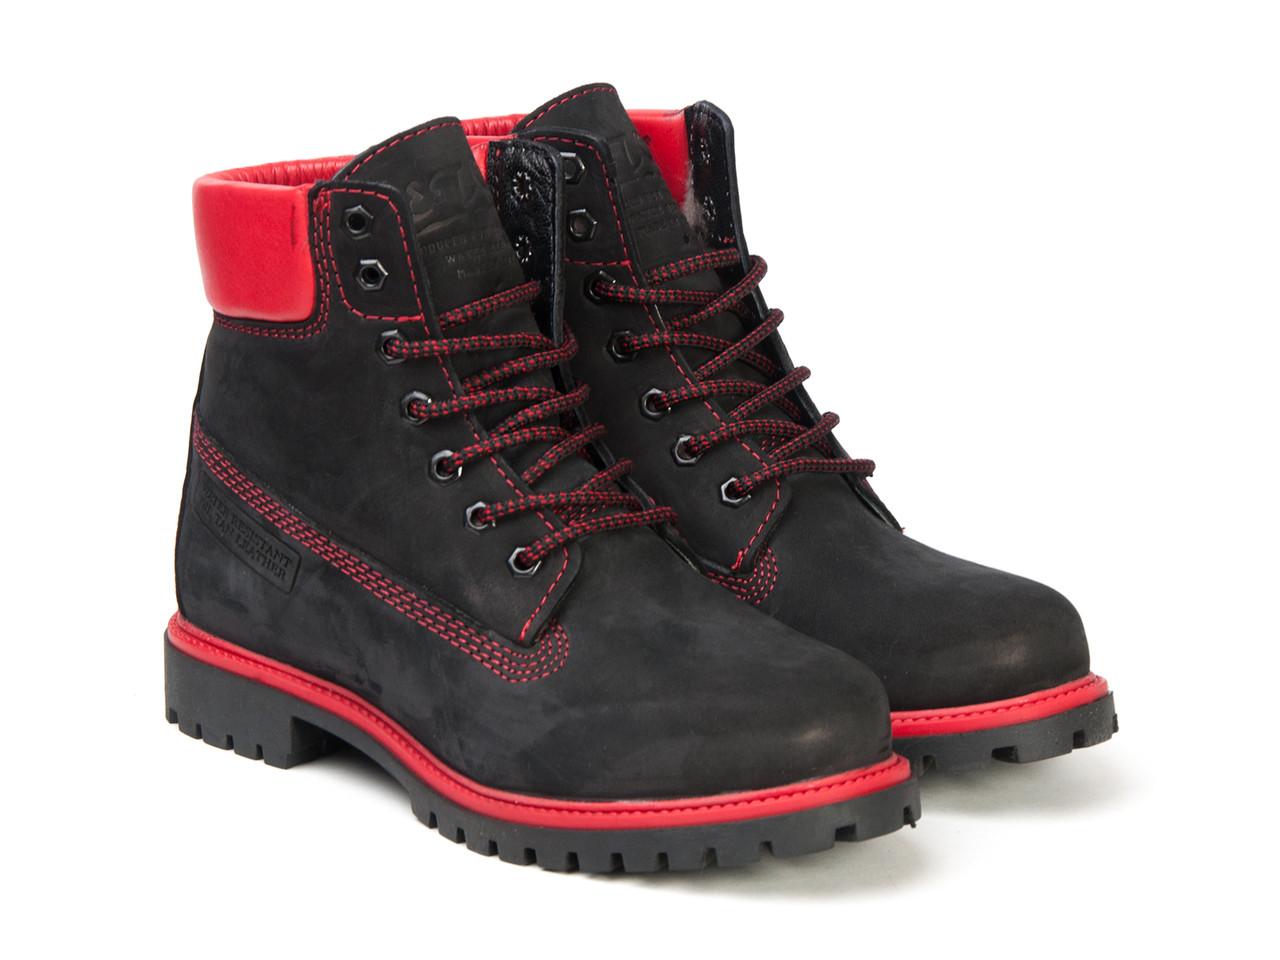 Ботинки Etor 9916-2298-1 черные, фото 1